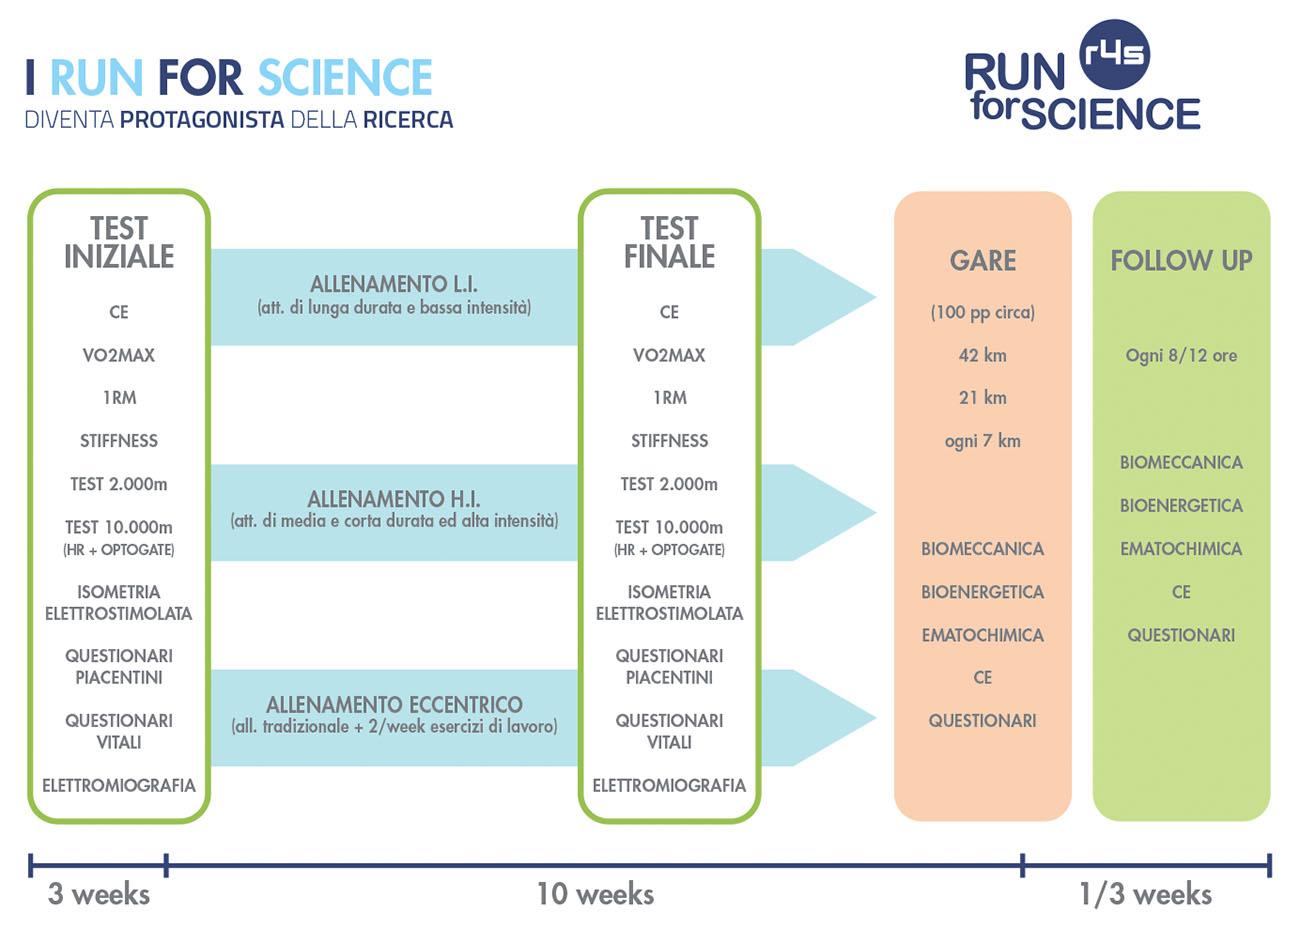 I RUN FOR SCIENCE - Diventa protagonista della ricerca